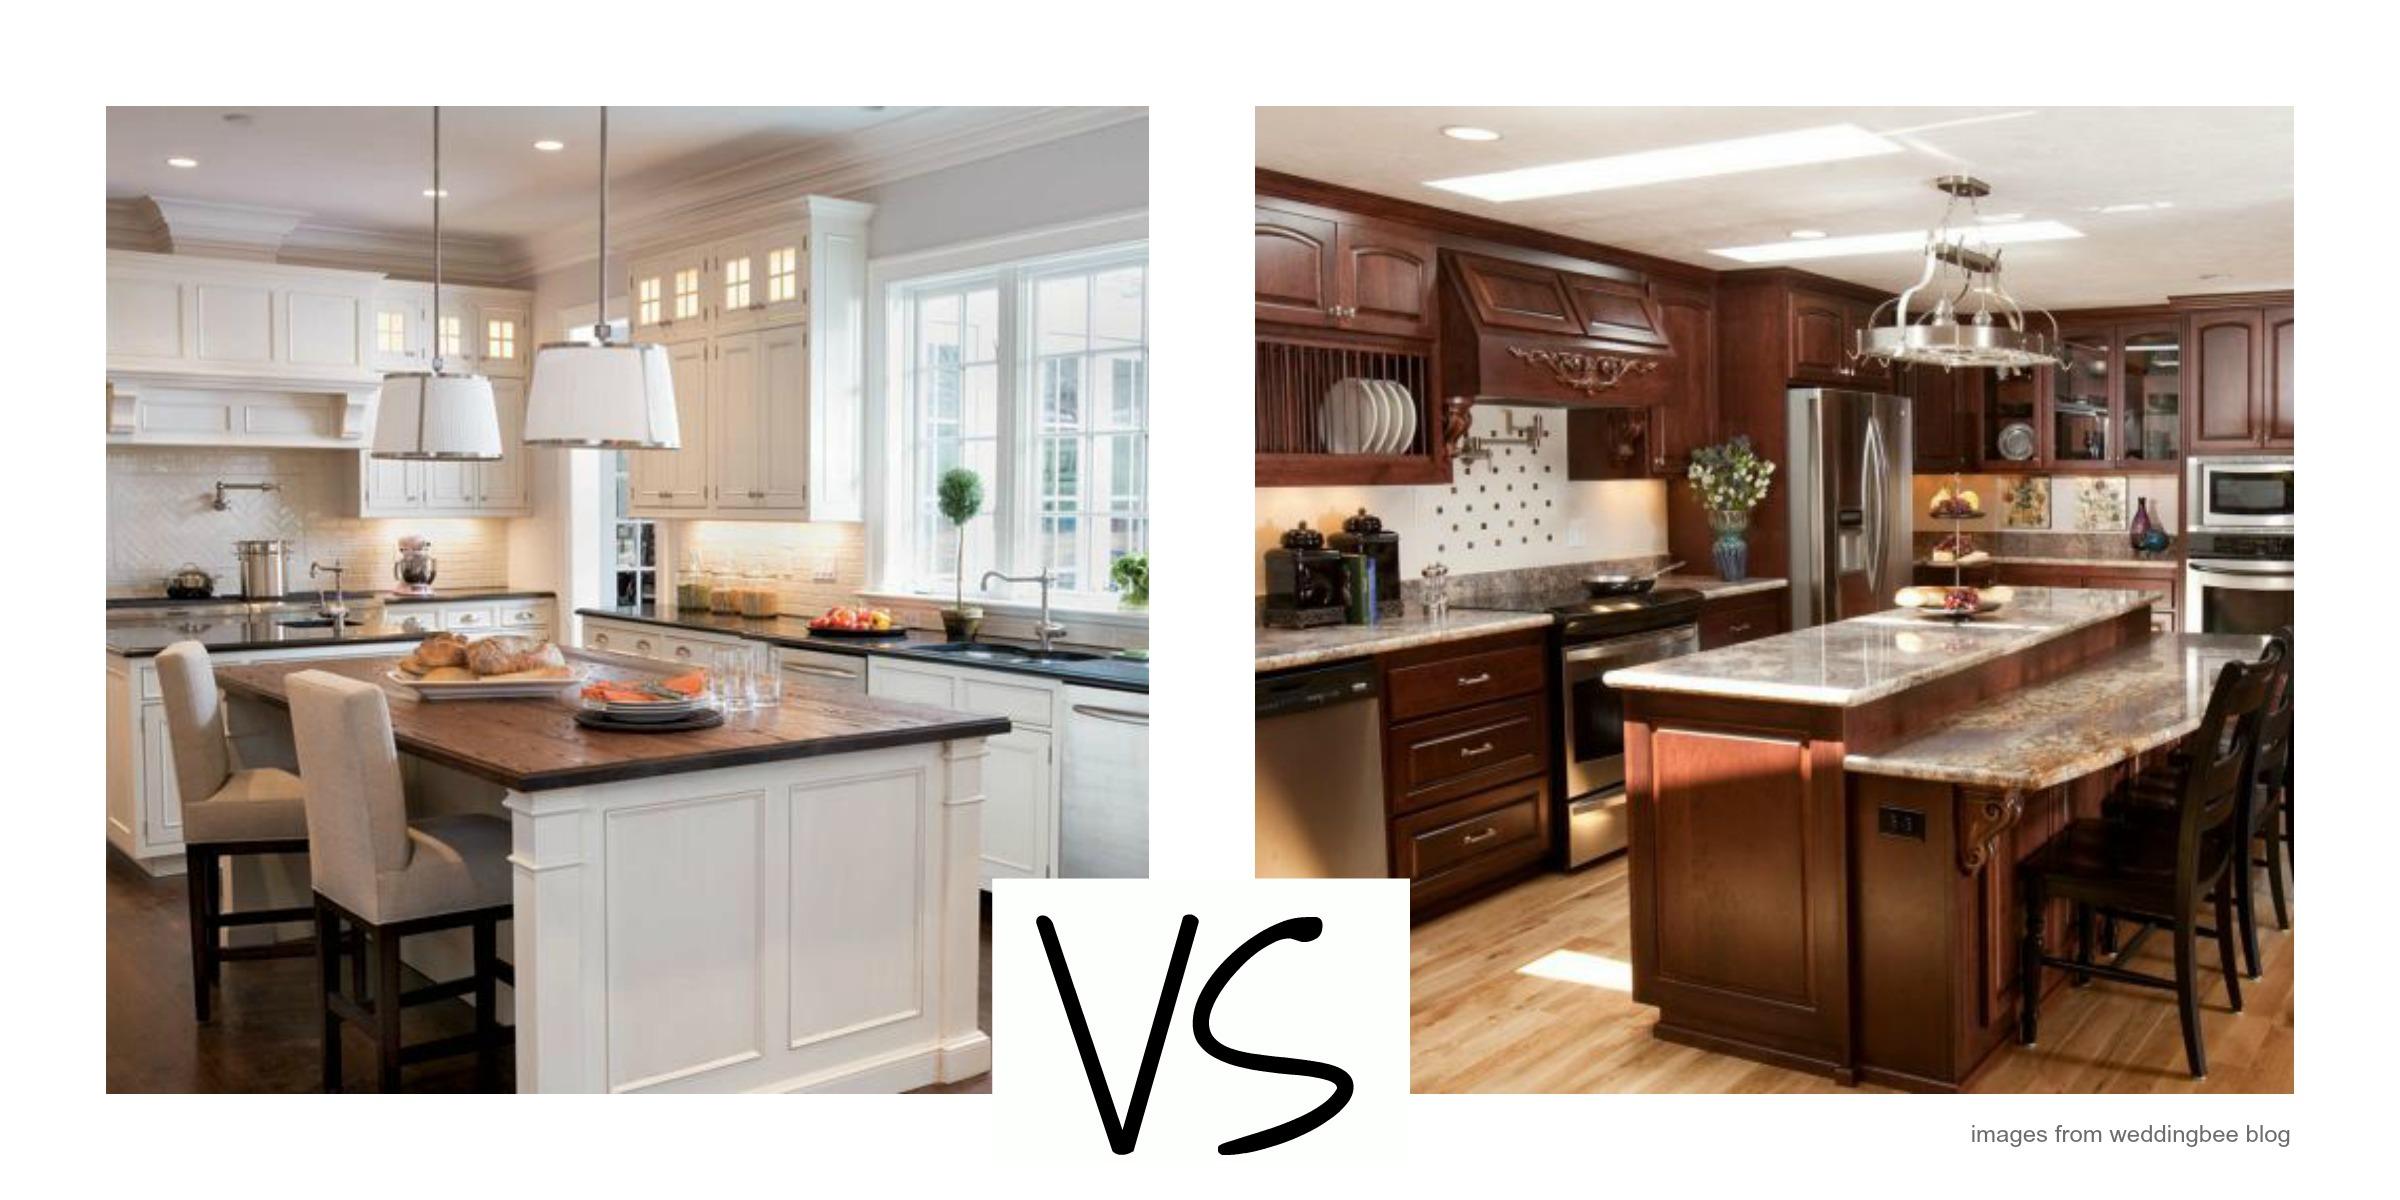 white versus wood white kitchen cabinets White vs Wood Kitchen Cabinets by Pamela Sandall Pamela Sandall Design